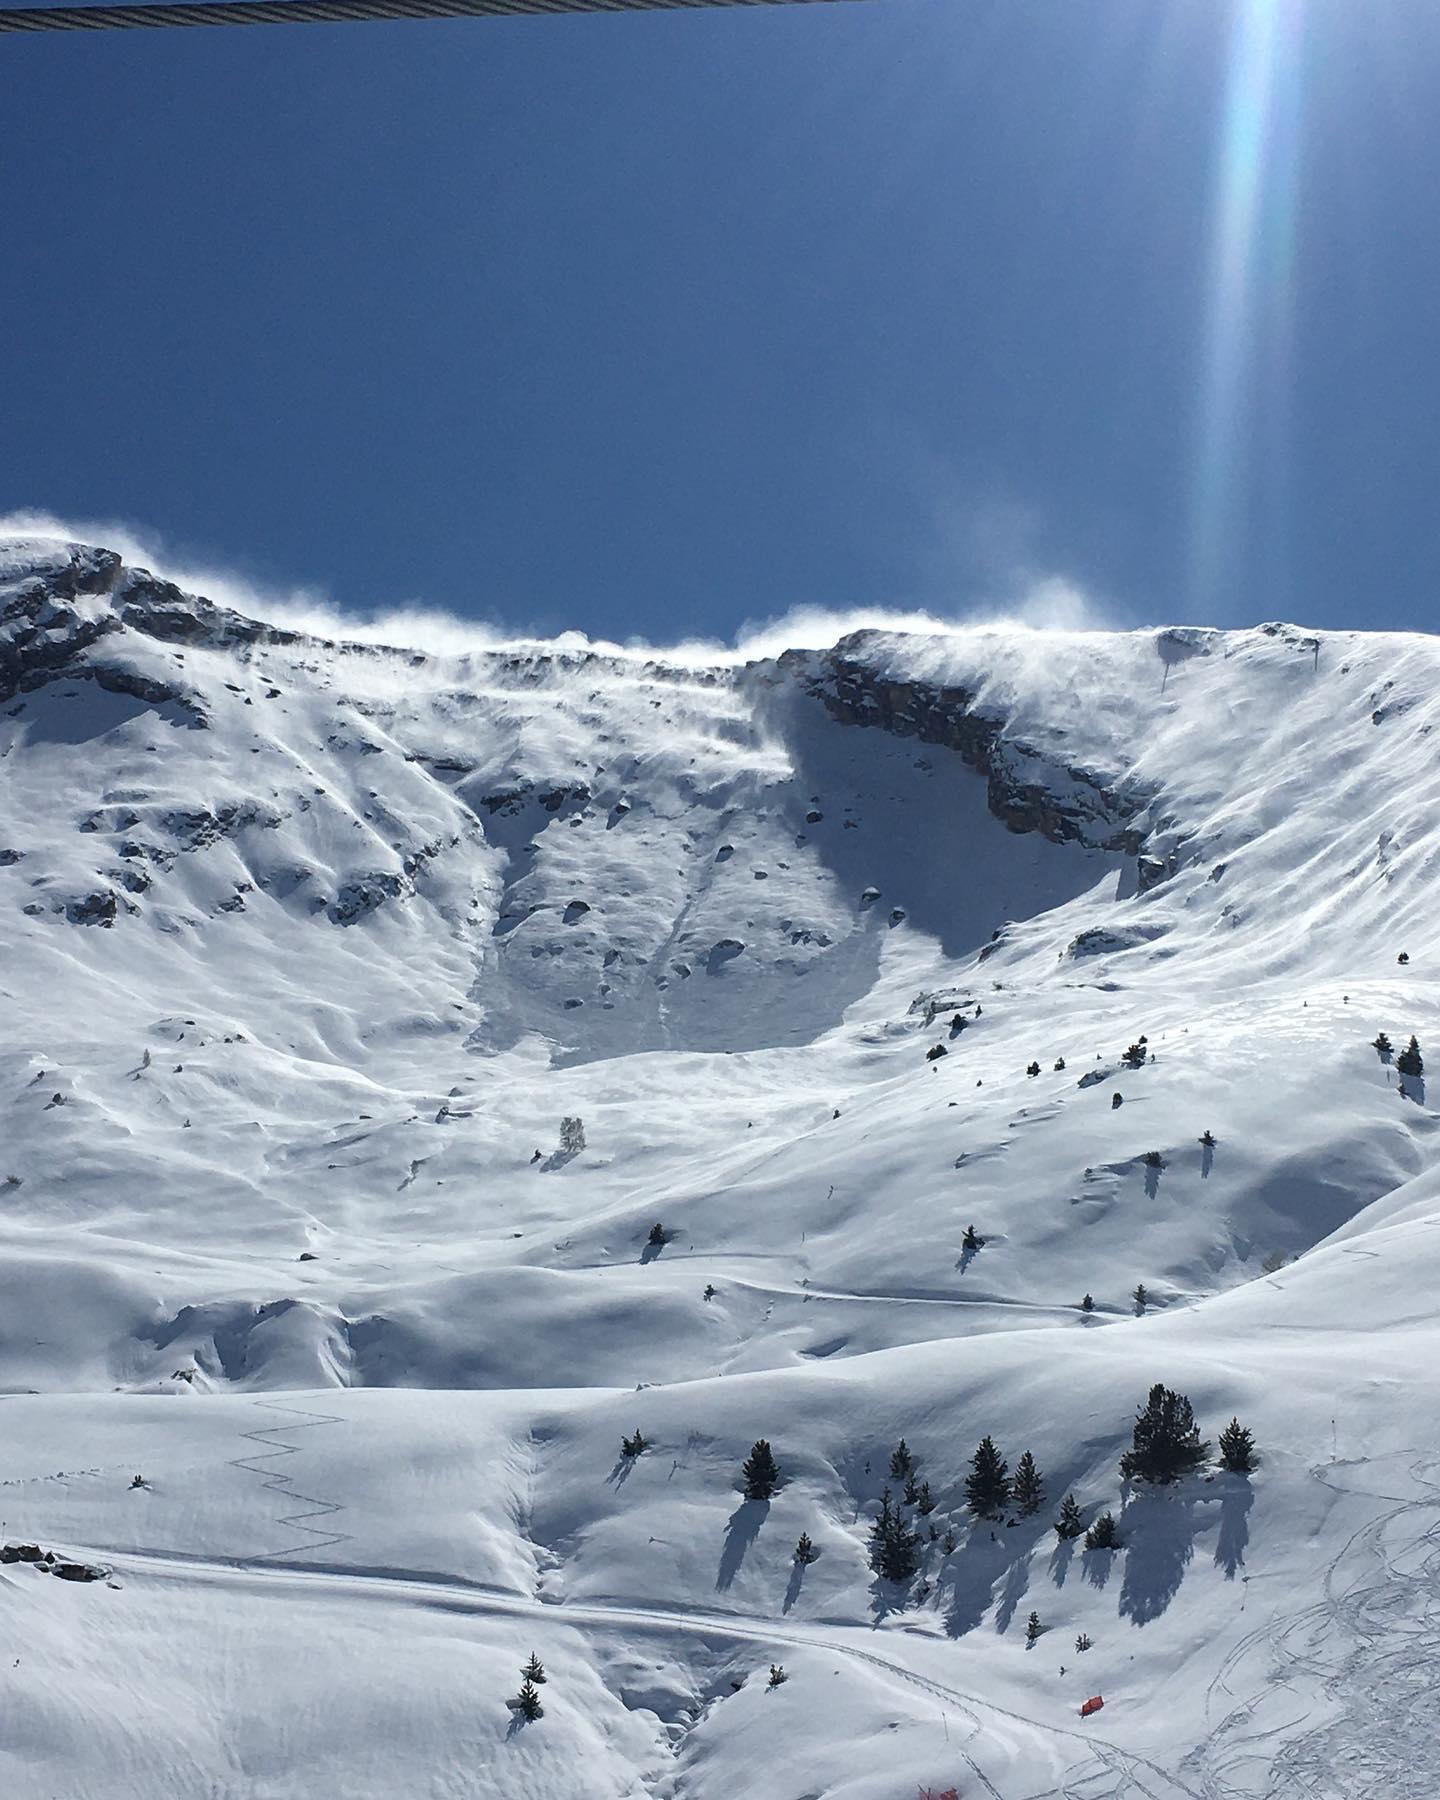 87953430 2942758999078655 1061967931367227392 o - Y ha vuelto la nieve ... Cerler.